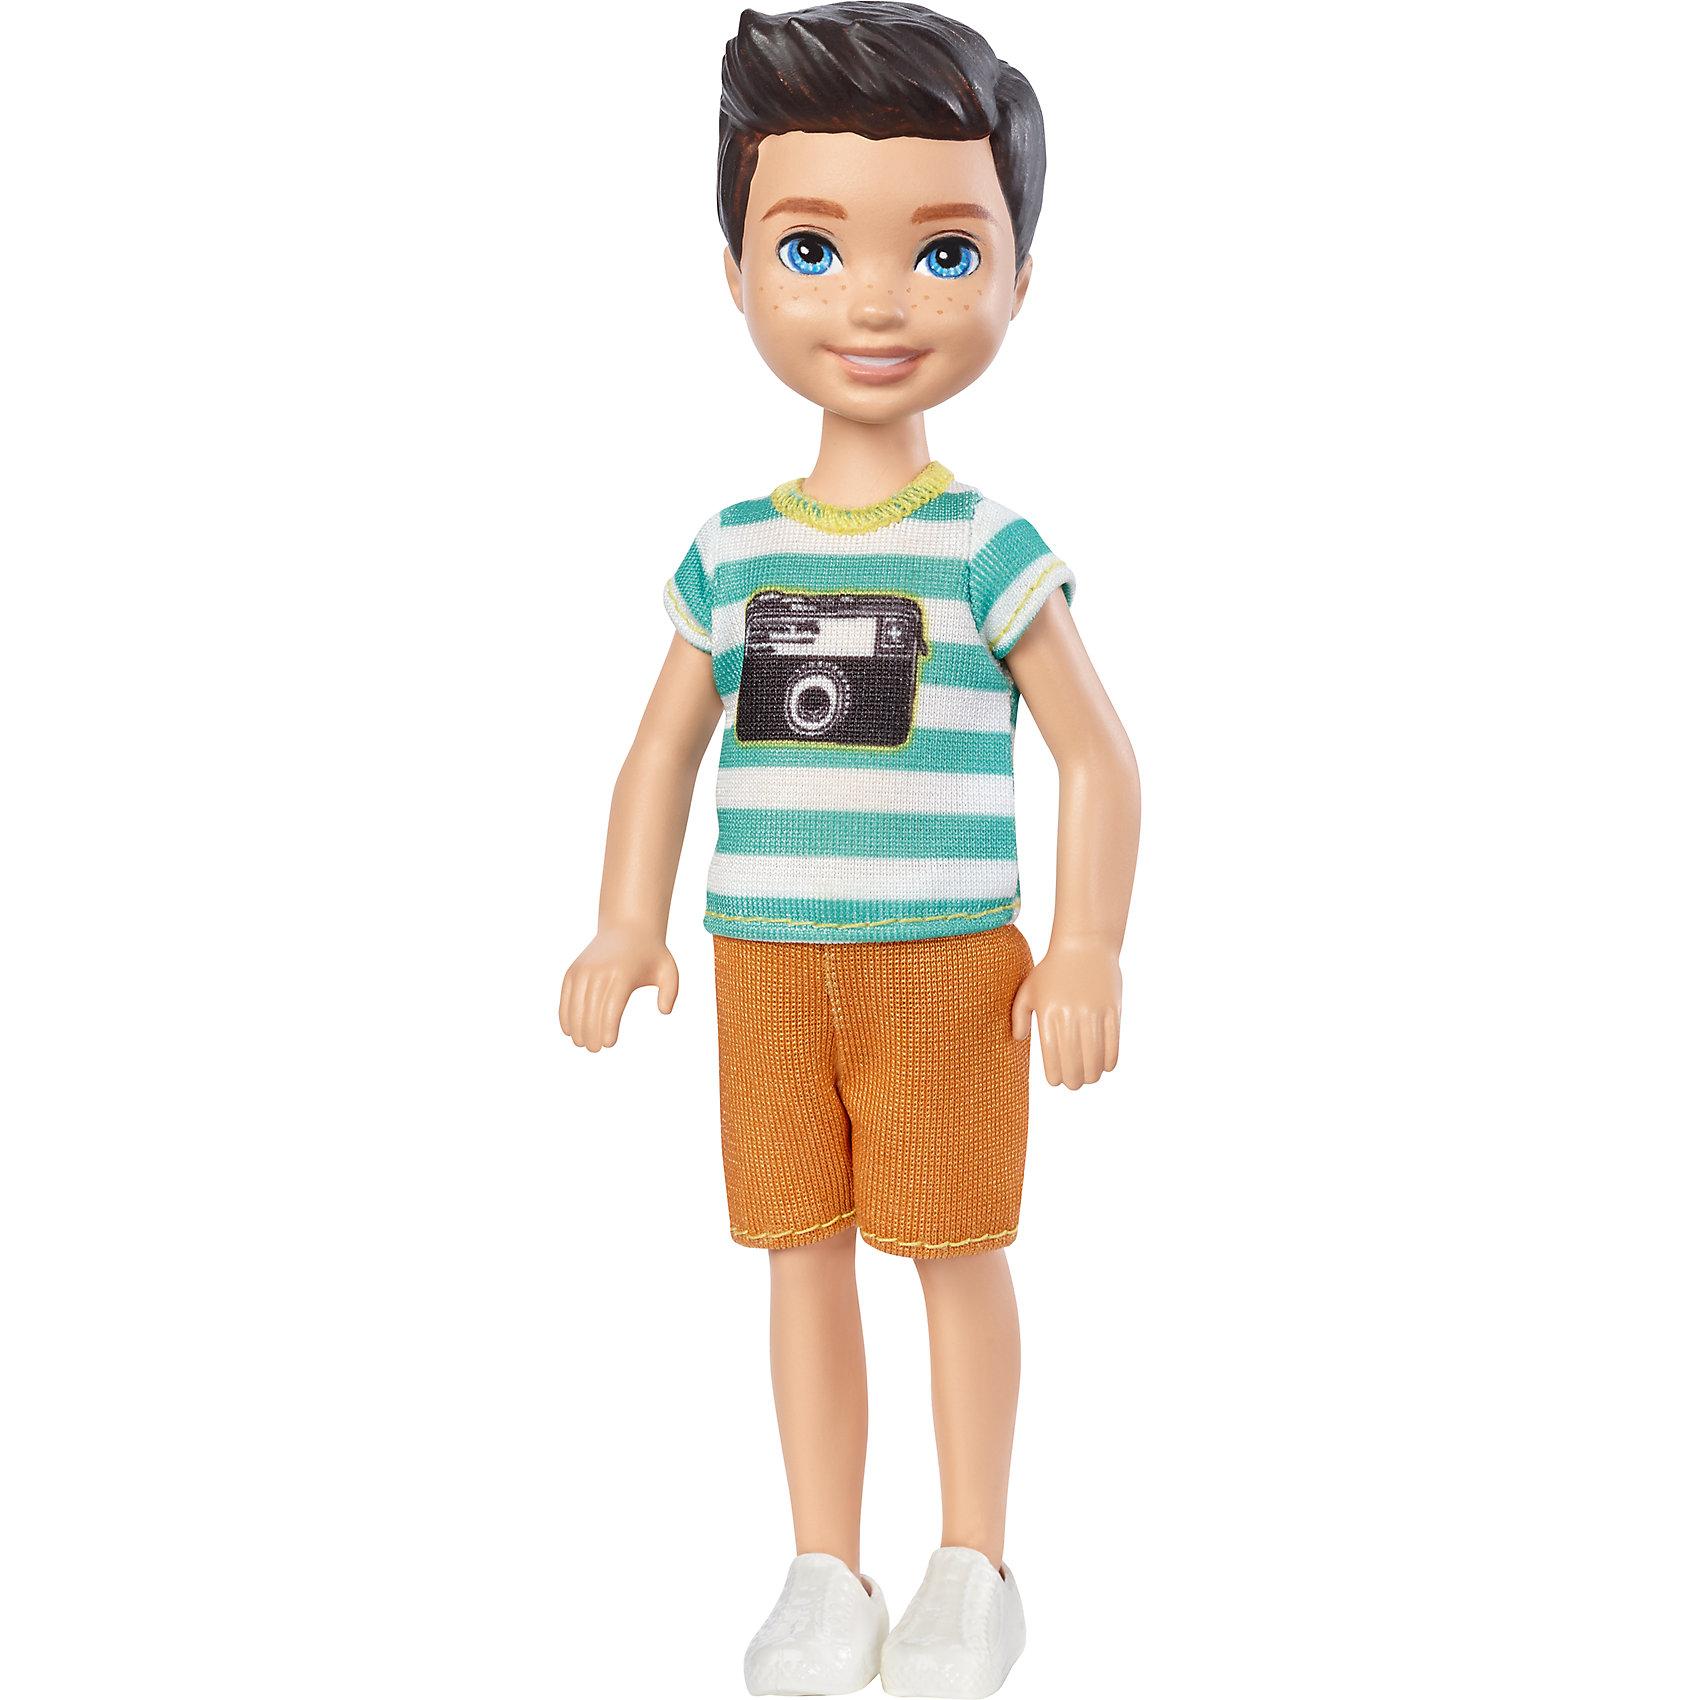 Кукла-Челси, BarbieПопулярные игрушки<br>Характеристики товара:<br><br>• комплектация: 1 кукла, одежда<br>• материал: пластик, текстиль<br>• подвижные части тела<br>• высота куклы: 13,5 см<br>• длинные волосы<br>• возраст: от трех лет<br>• размер упаковки: 10х6х4 см<br>• вес: 0,3 кг<br>• страна бренда: США<br><br>Маленьких любительниц куклы Barbie наверняка порадует малыш Челси в новом образе. Он выглядит очаровательно в ярком наряде. Такая кукла поможет разнообразить компанию девочек-Челси. Она станет великолепным подарком для девочек!<br><br>Игры с куклами помогают развить у девочек вкус и чувство стиля, отработать сценарии поведения в обществе, развить воображение и мелкую моторику. Такую куклу удобно брать с собой в поездки и на прогулки. Маленькая Челси от бренда Mattel не перестает быть популярной! <br><br>Куклу Челси, Barbie, от компании Mattel можно купить в нашем интернет-магазине.<br><br>Ширина мм: 90<br>Глубина мм: 40<br>Высота мм: 160<br>Вес г: 73<br>Возраст от месяцев: 36<br>Возраст до месяцев: 120<br>Пол: Женский<br>Возраст: Детский<br>SKU: 5389675